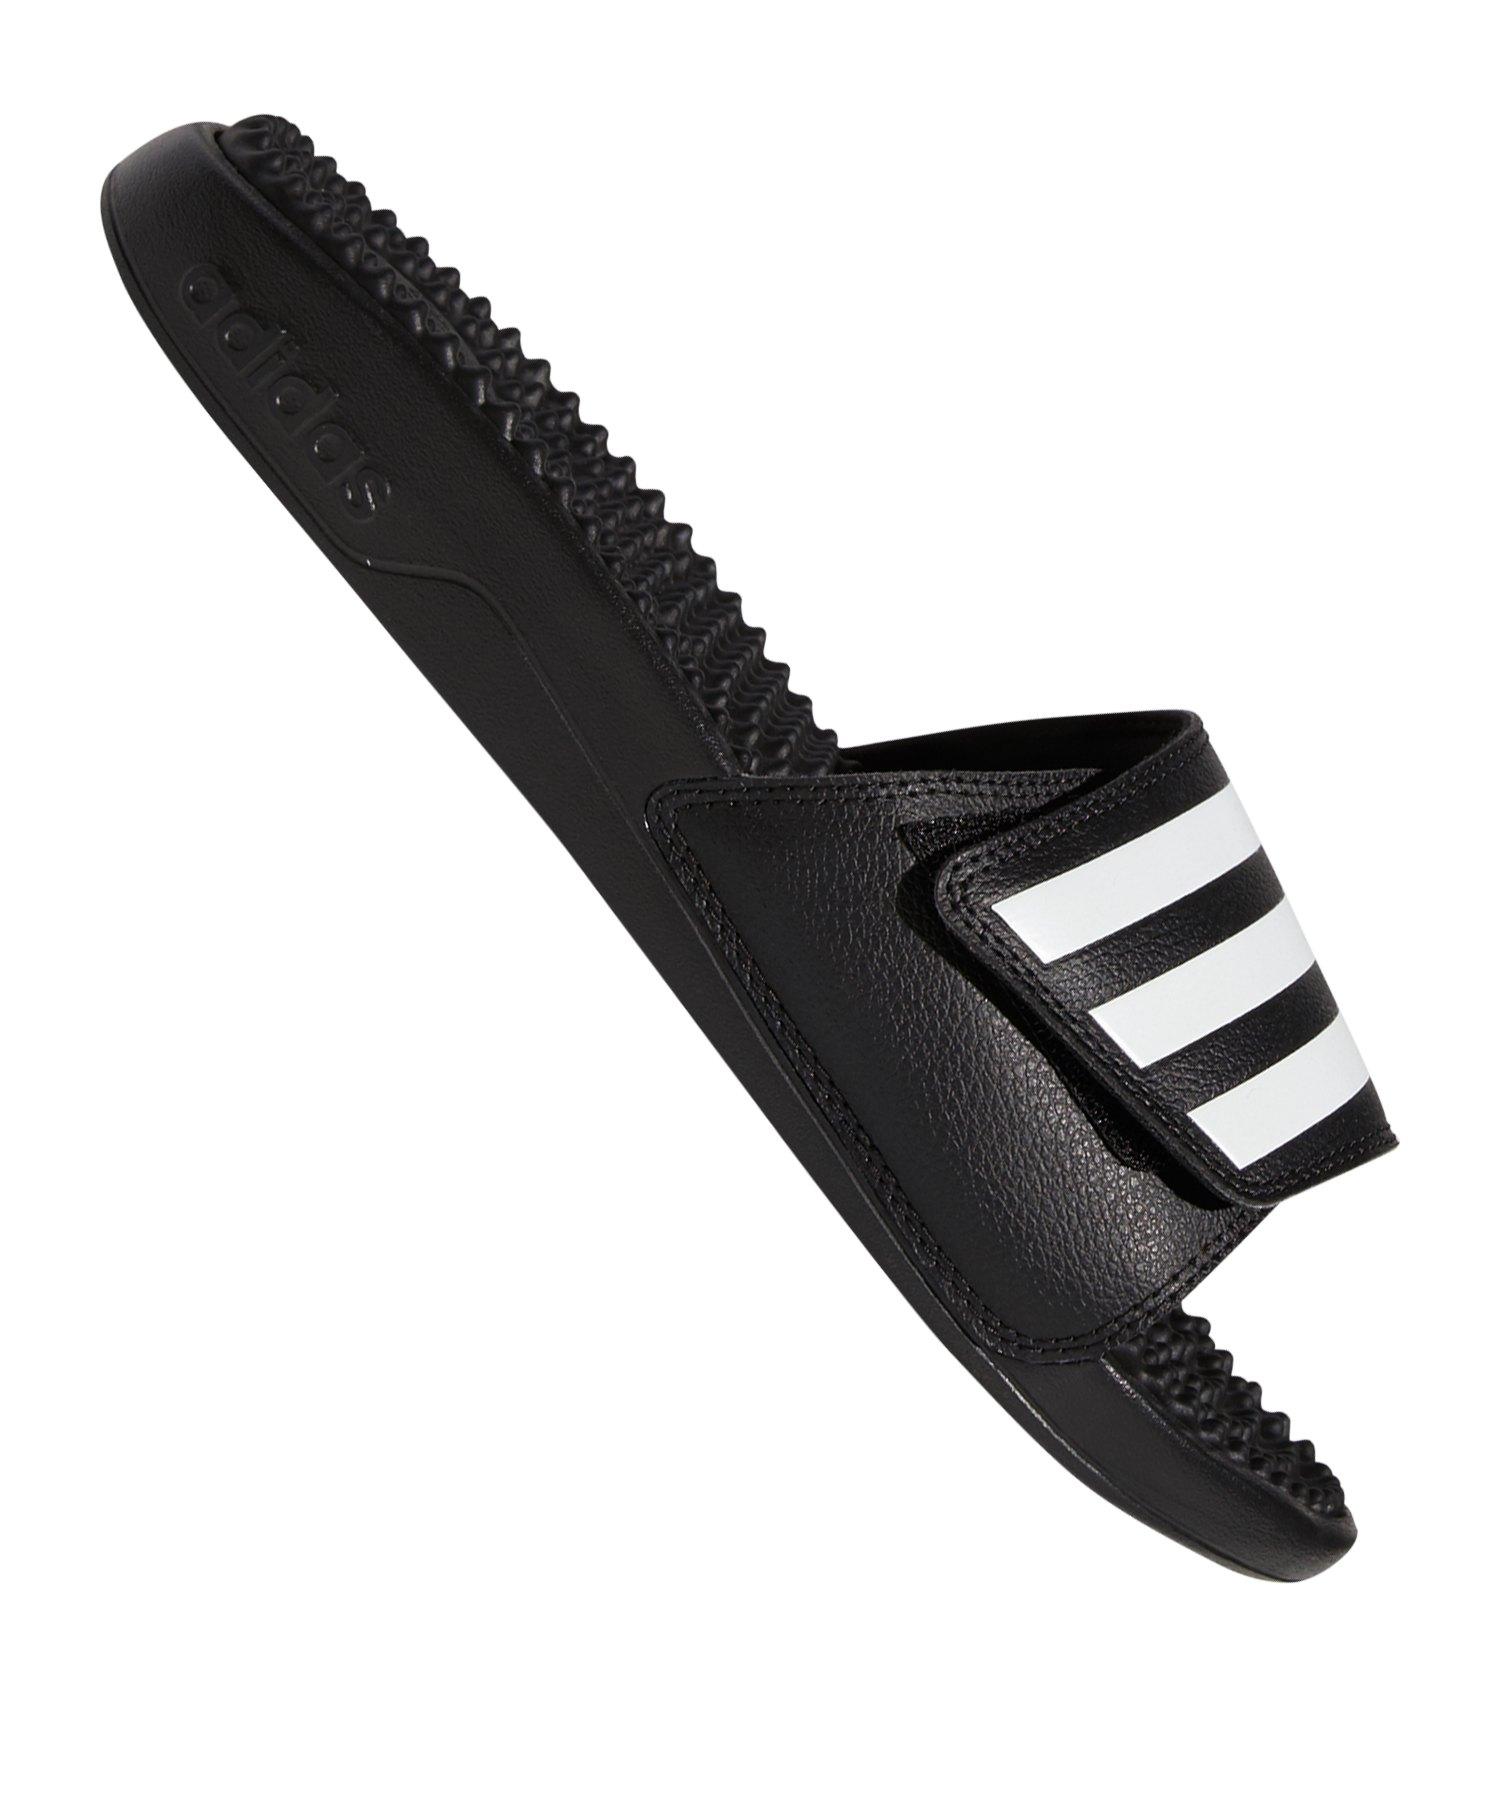 adidas Adilette Adissage TND Badelatsche Schwarz - schwarz